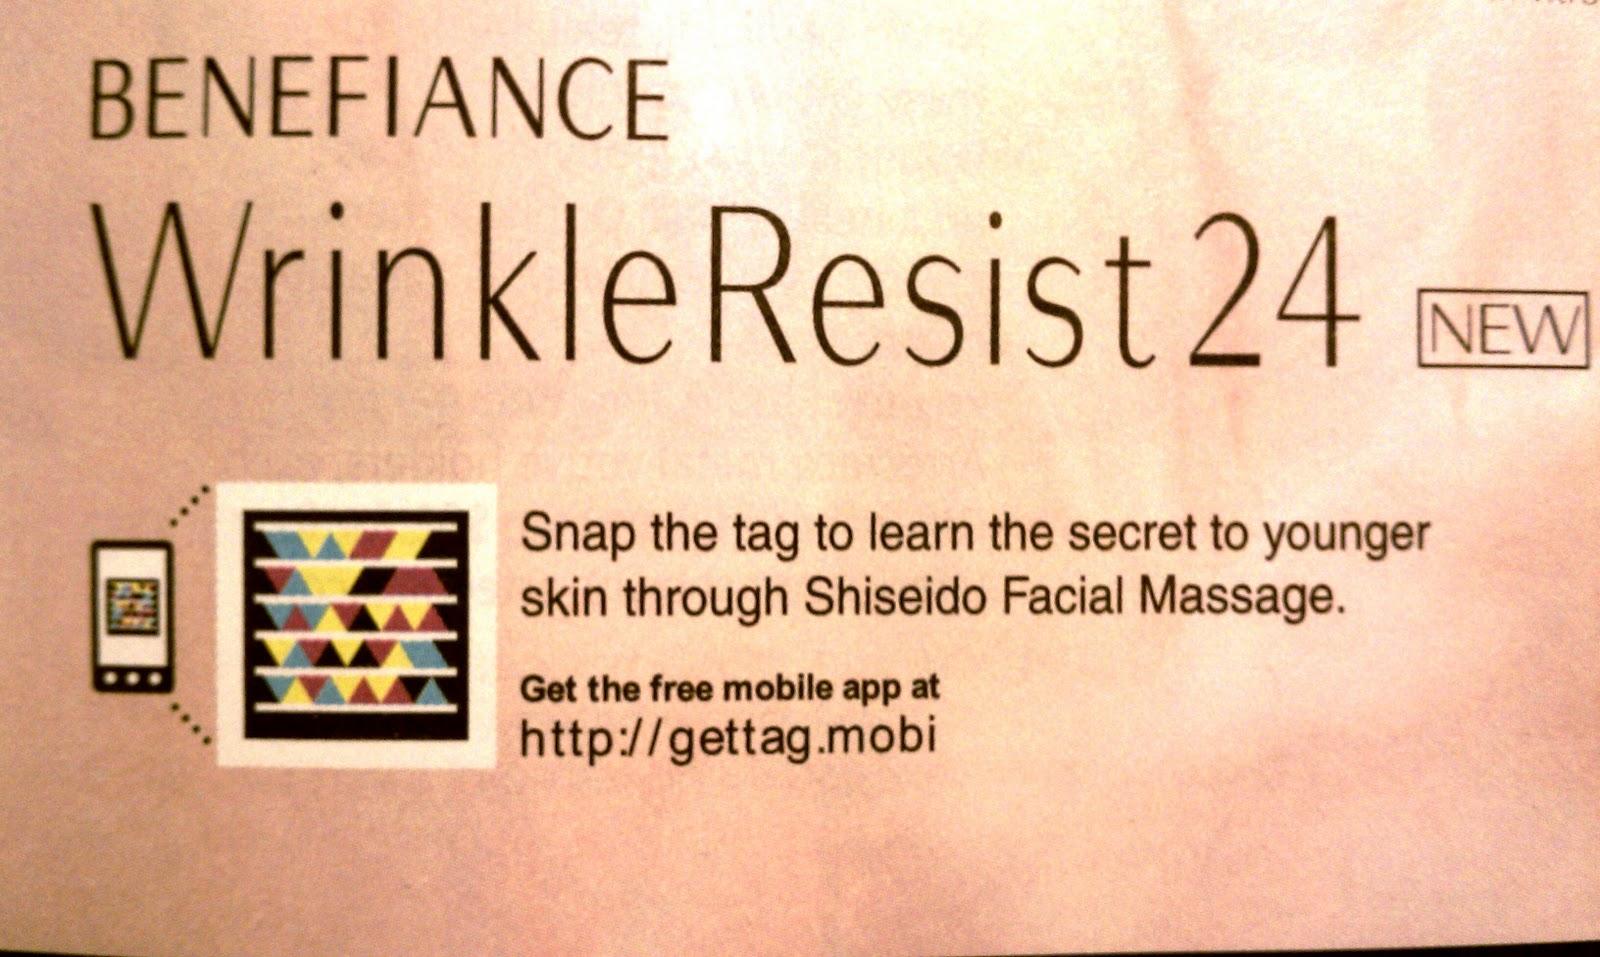 Shiseido uses Microsoft Tag